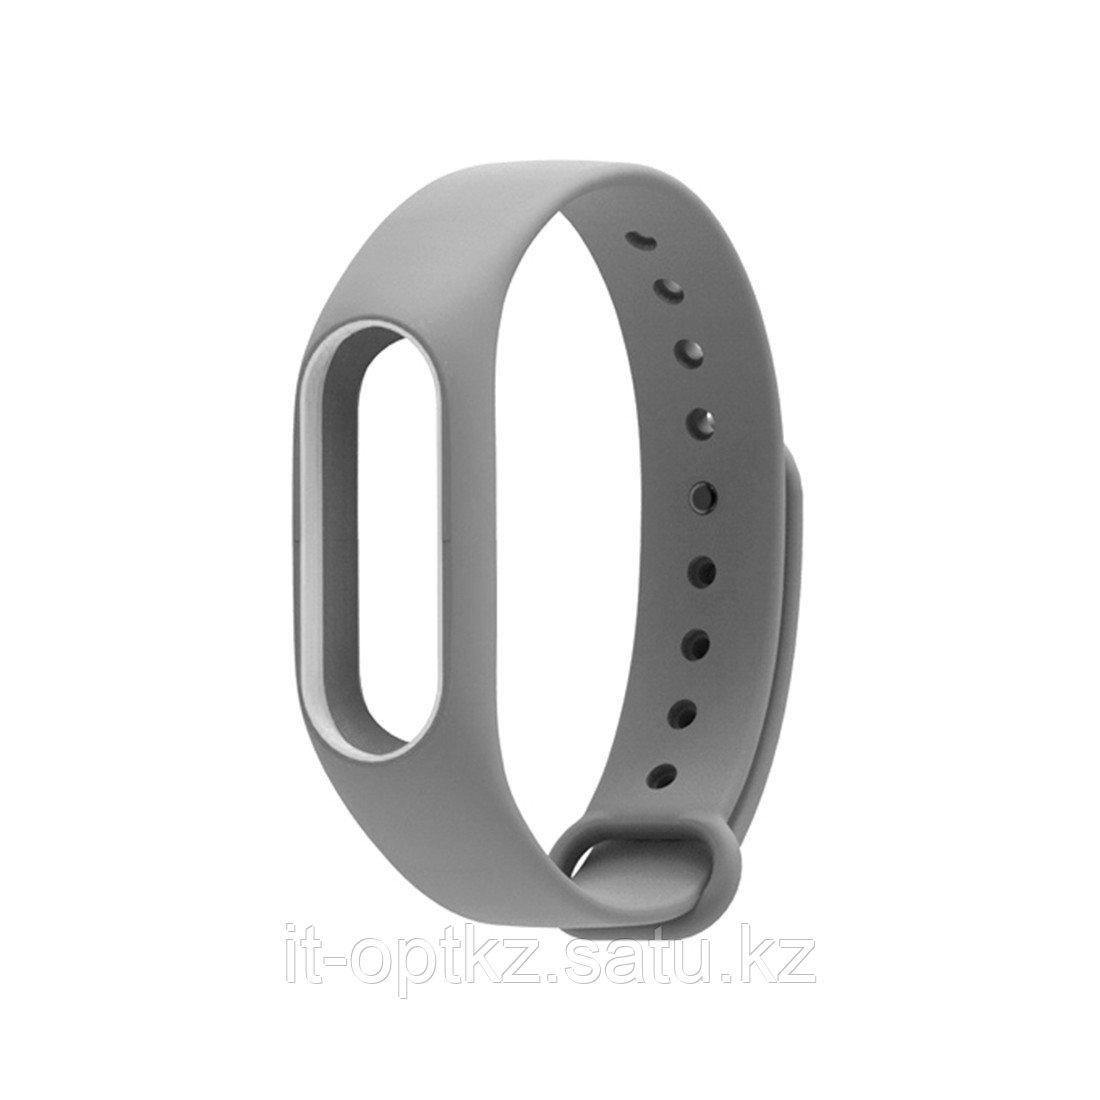 Сменный браслет для Xiaomi Mi Band 2 Серый